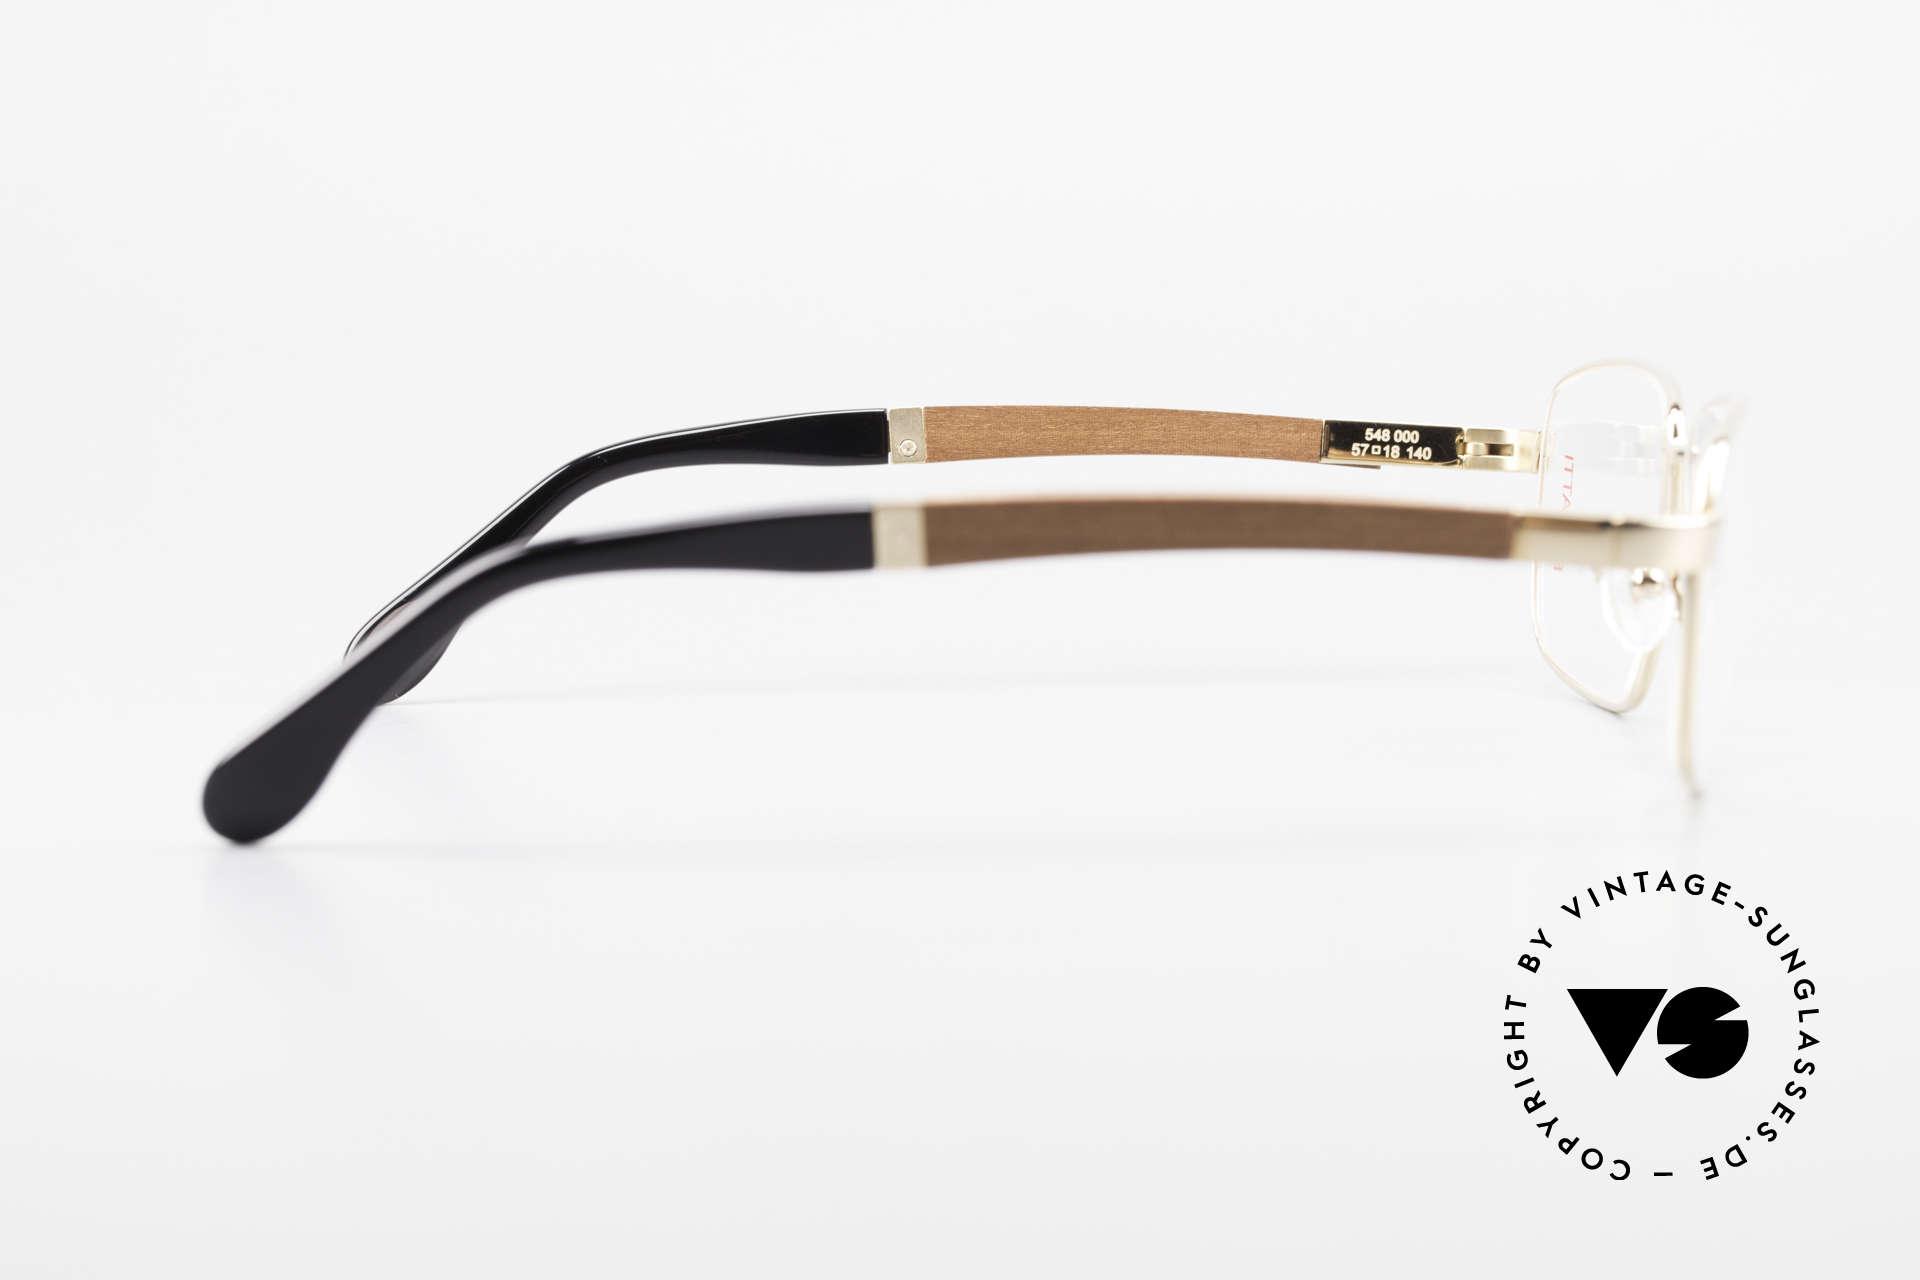 Bugatti 548 Padouk Edelholz Brille Gold L, ungetragenes Luxus-Modell; eine Rarität für Kenner, Passend für Herren